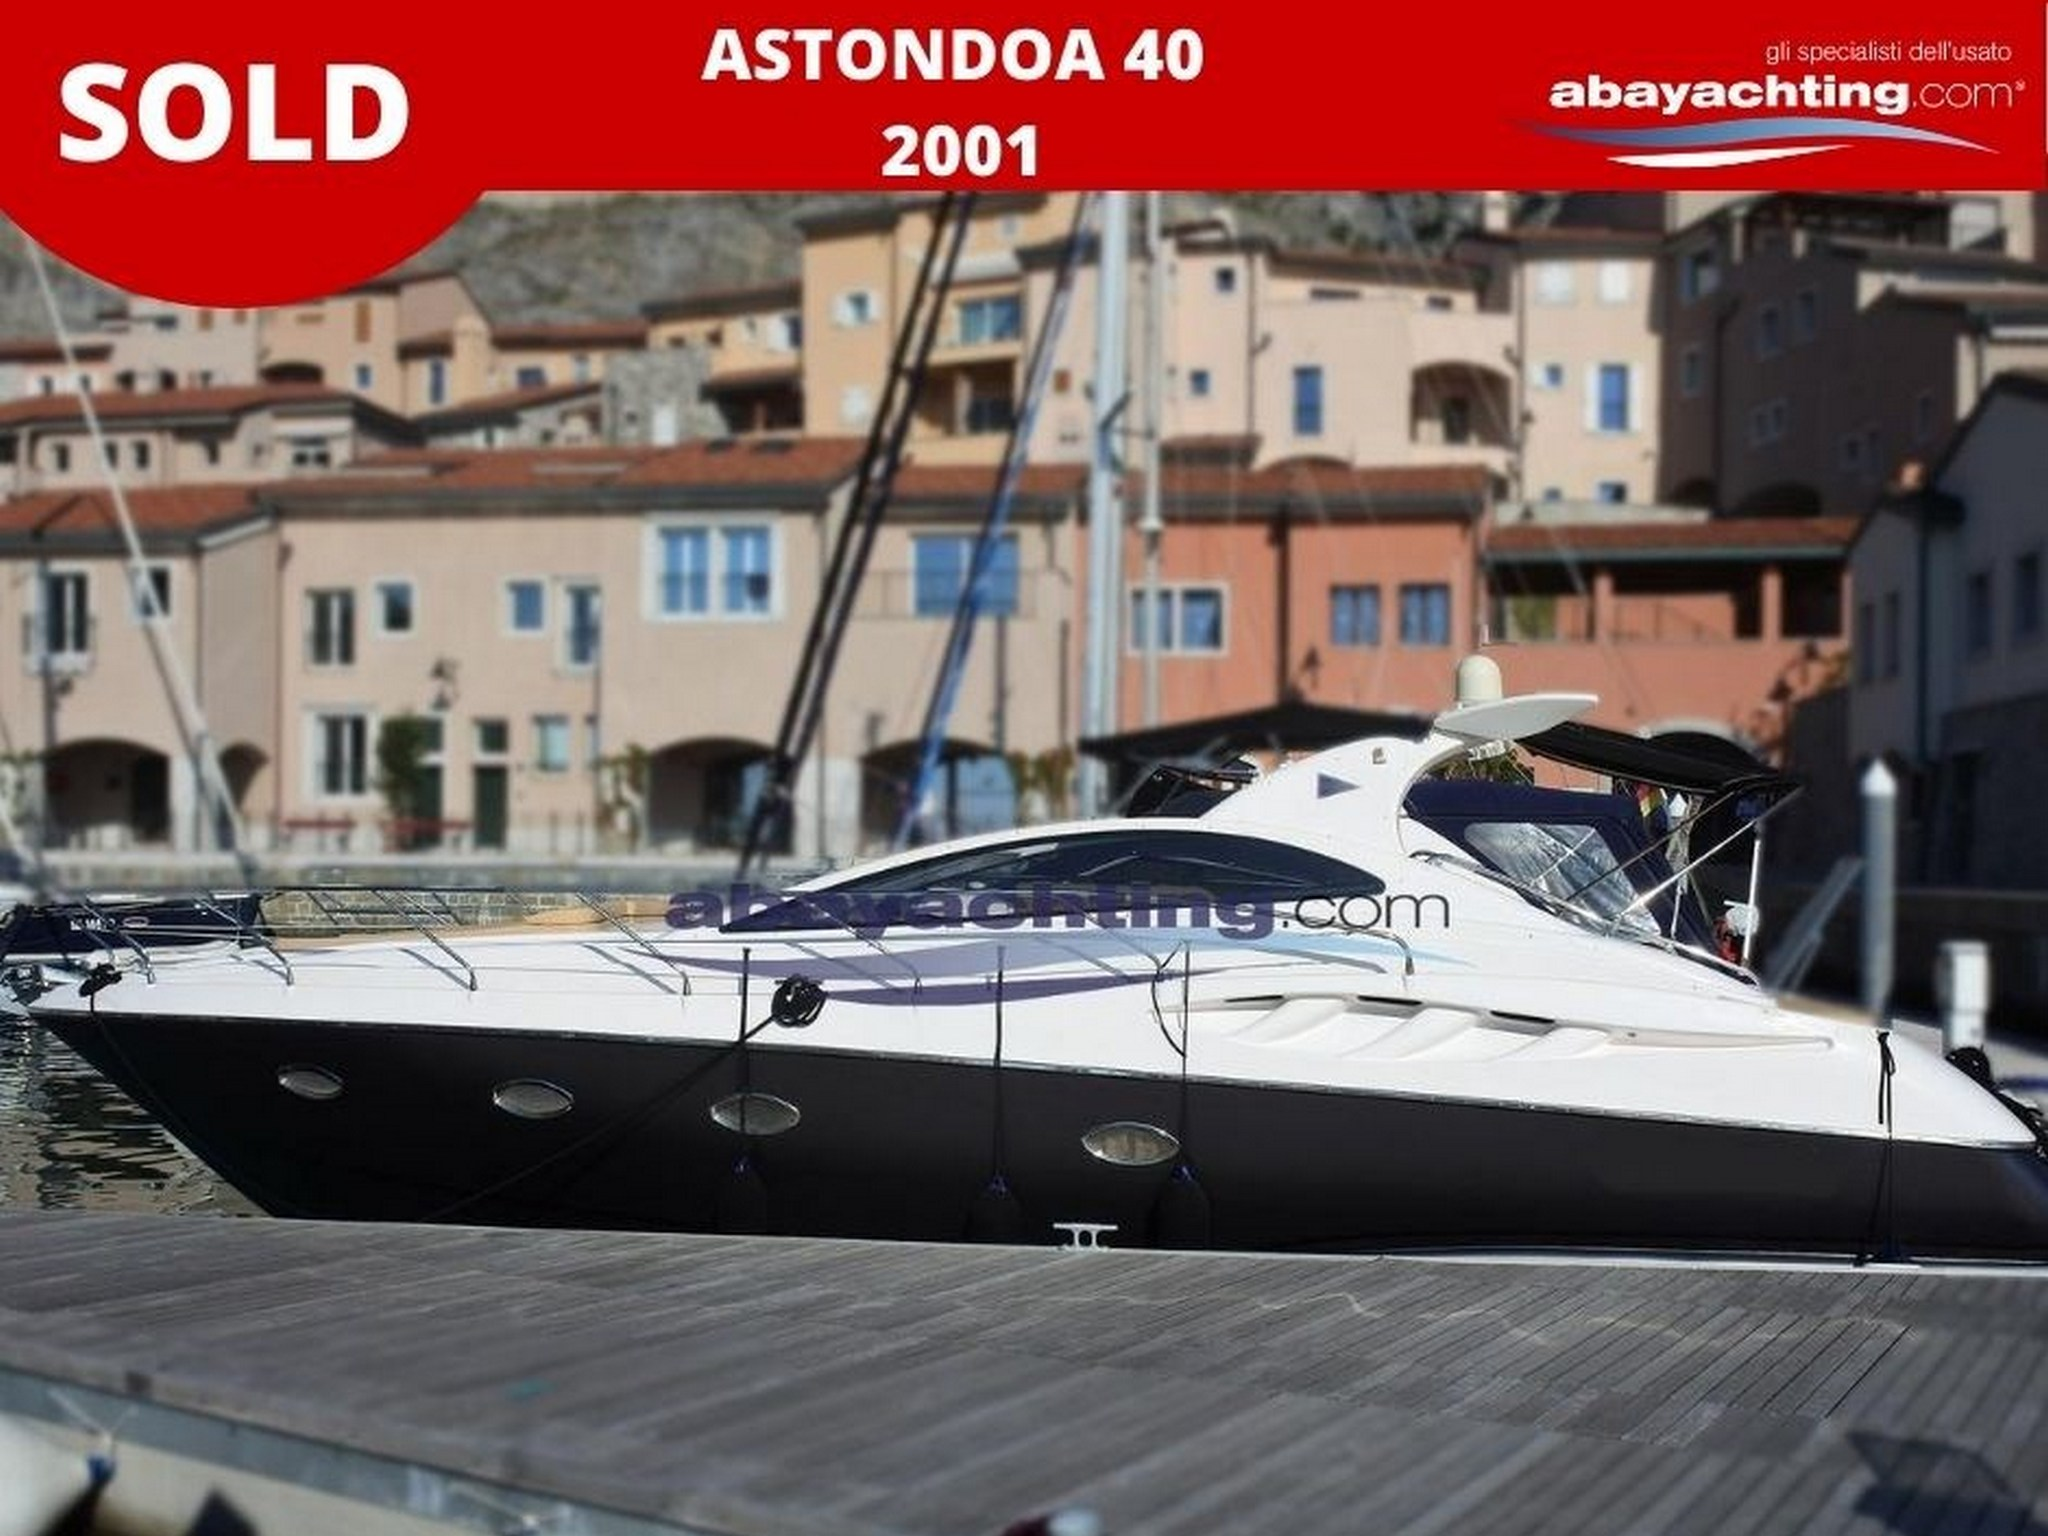 Astondoa 40 venduto